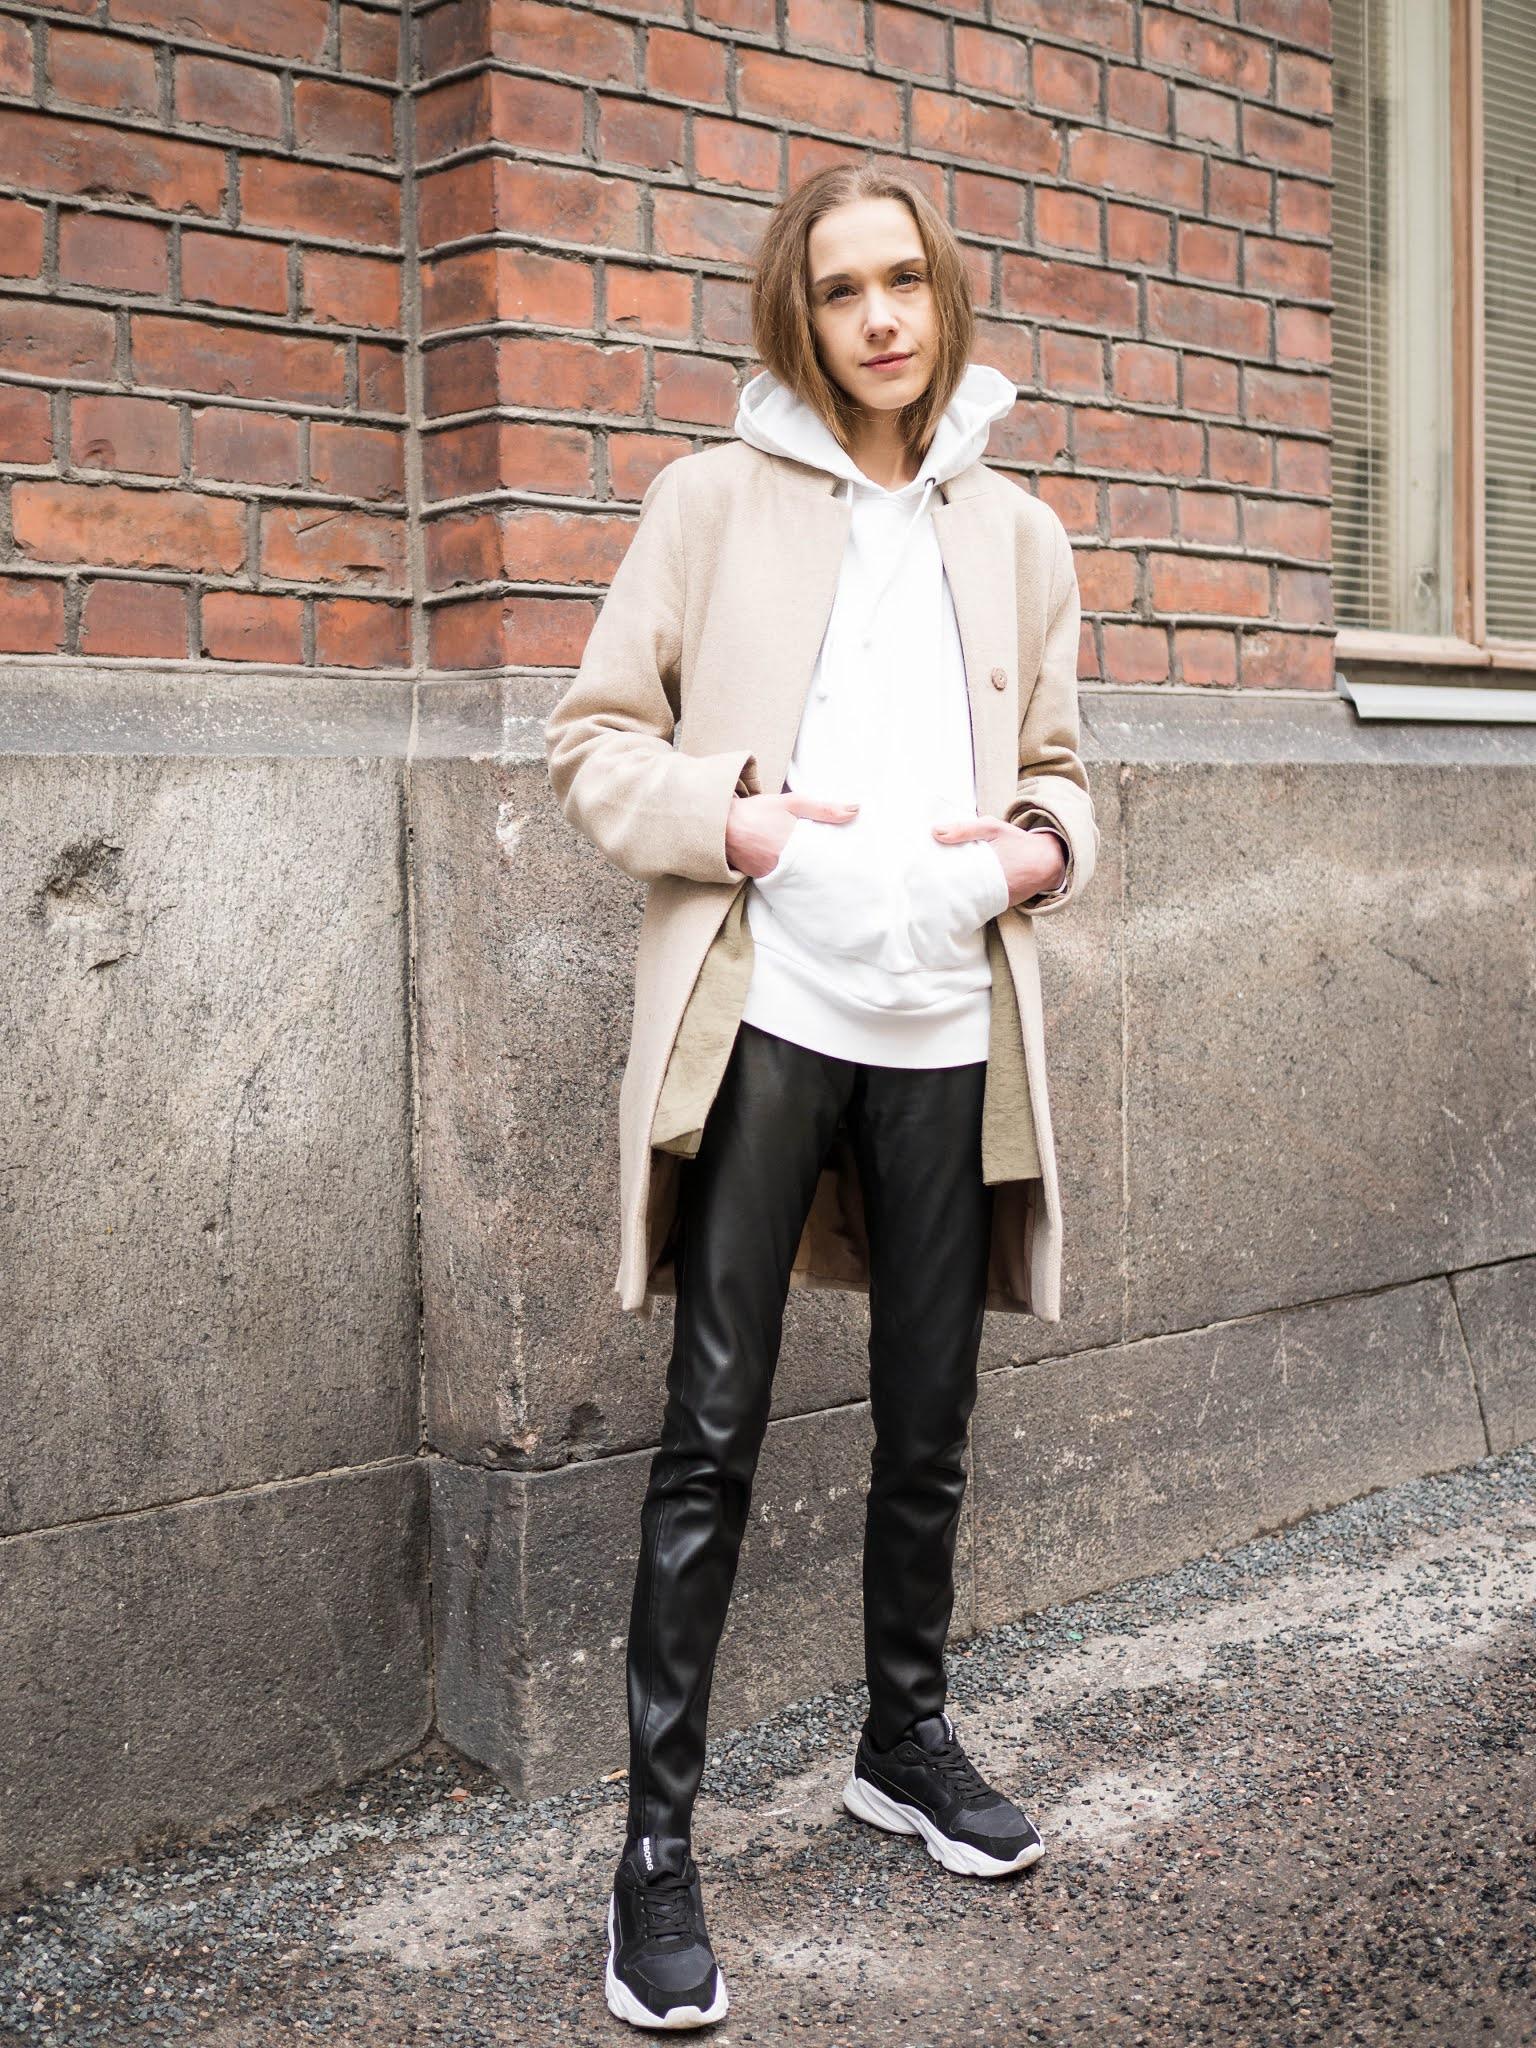 Etätyö pukeutuminen // Work from home outfit inspiration